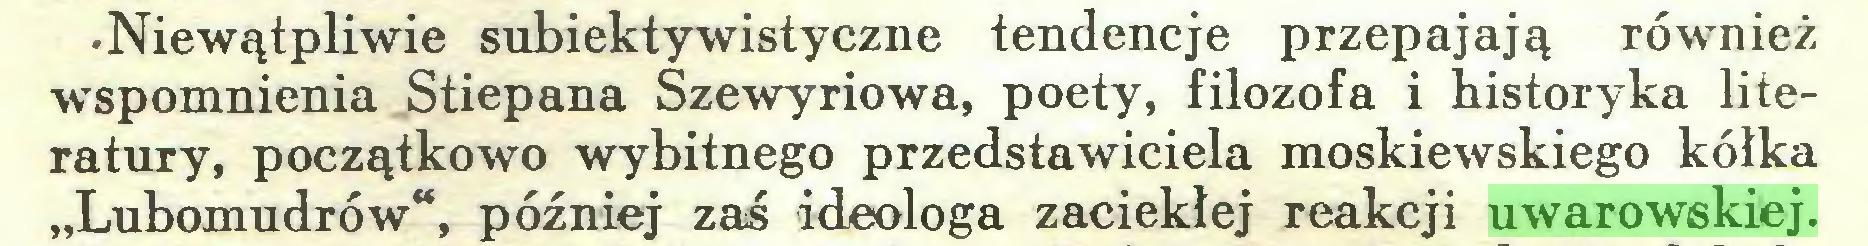 """(...) •Niewątpliwie subiektywistyczne tendencje przepajają również wspomnienia Stiepana Szewyriowa, poety, filozofa i historyka literatury, początkowo wybitnego przedstawiciela moskiewskiego kółka """"Lubomudrów"""", później zaś ideologa zaciekłej reakcji uwarowskiej..."""